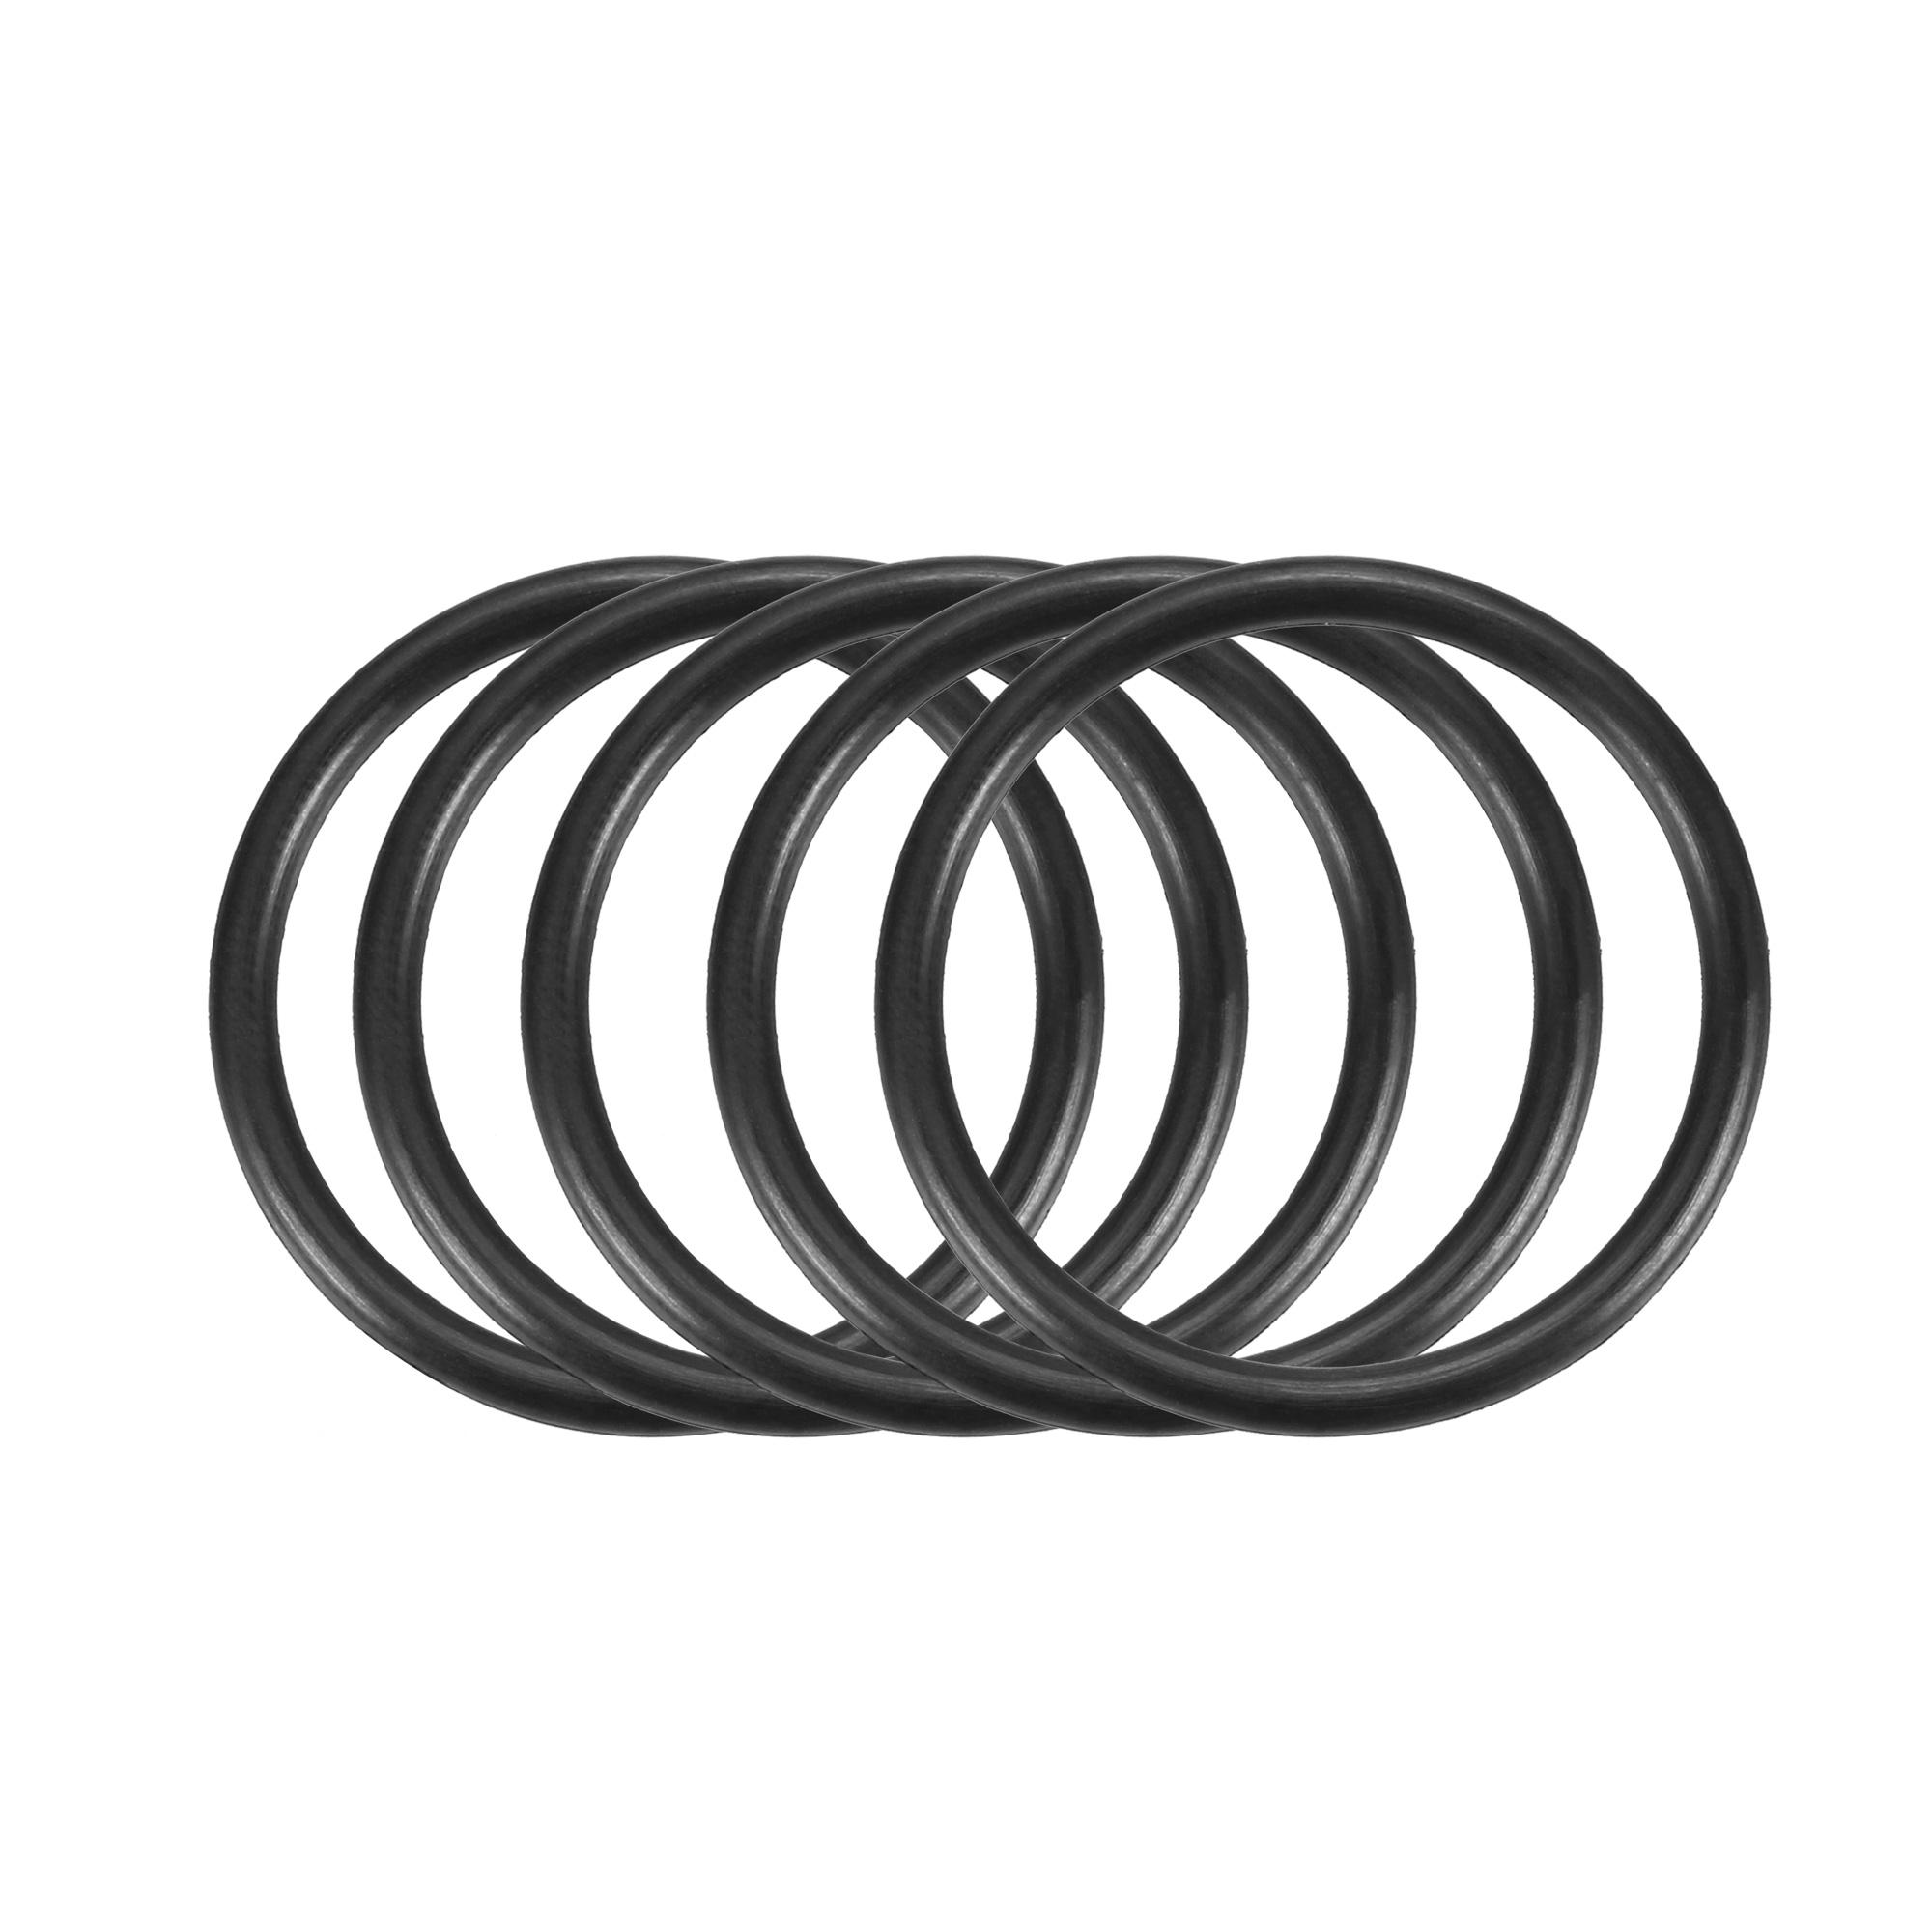 30pcs Black Nitrile Butadiene Rubber NBR O-Ring 27mm Inner Dia 2.5mm Width